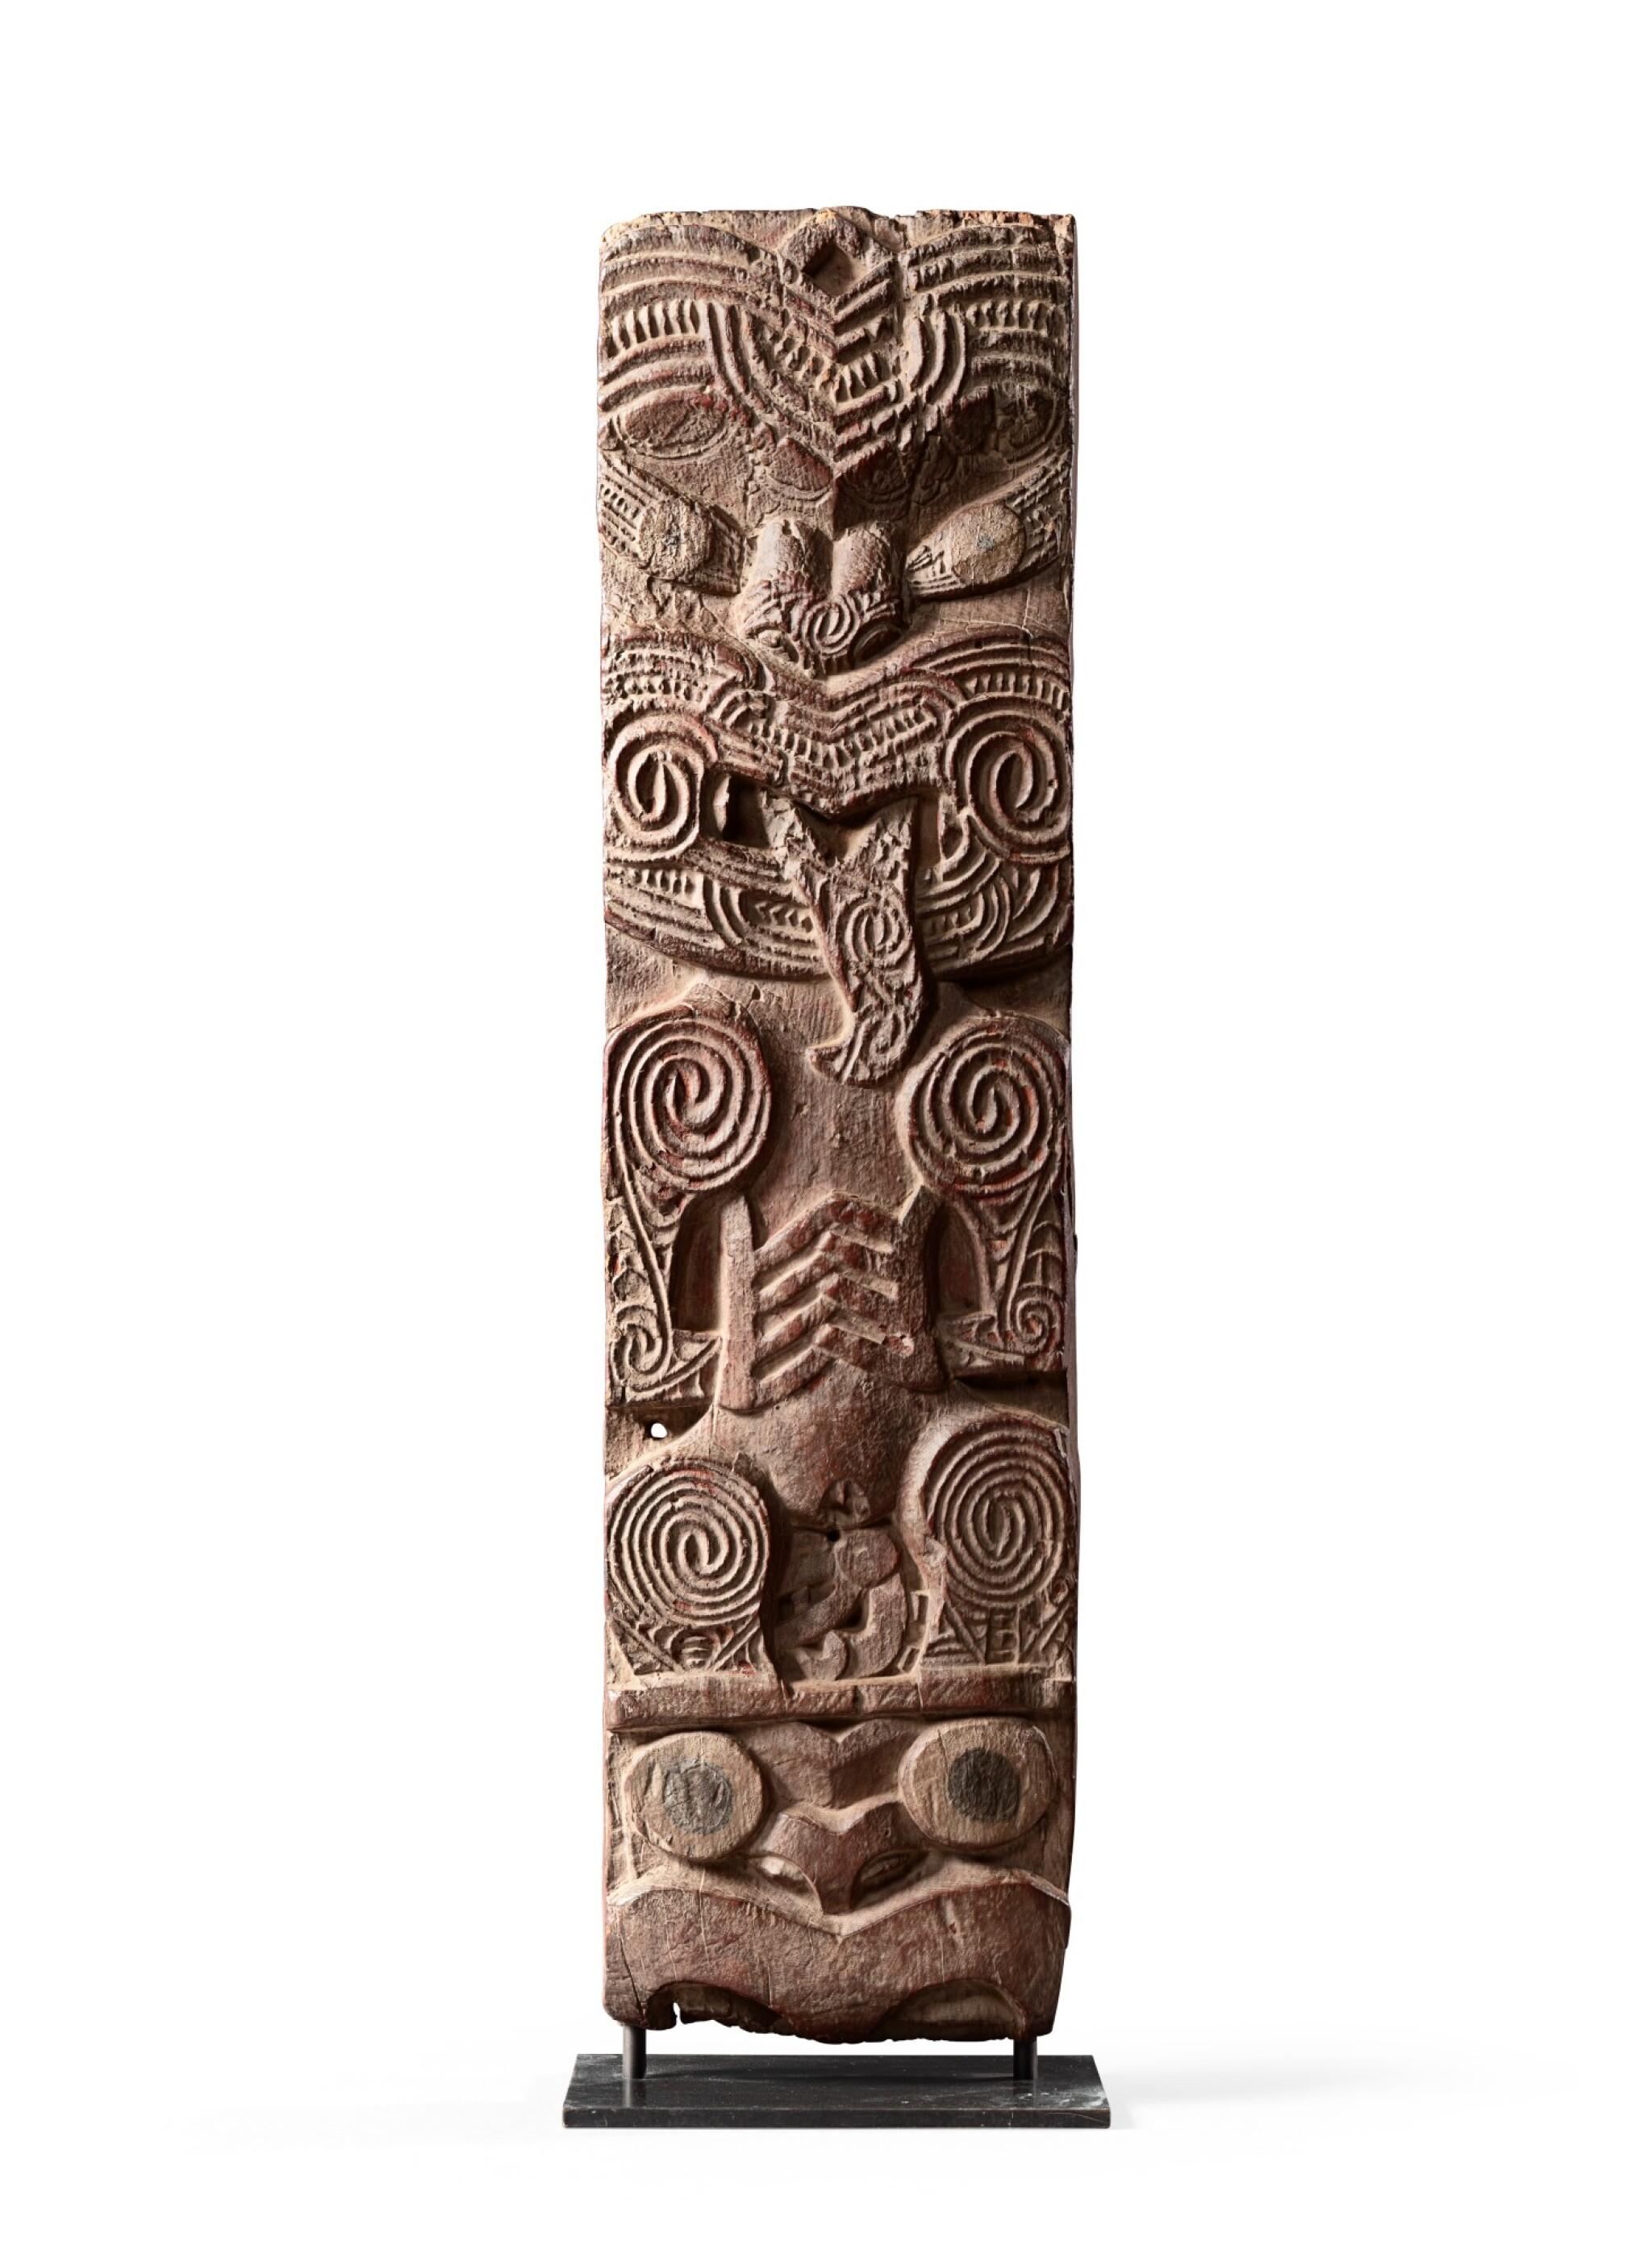 View full screen - View 1 of Lot 188. Panneau Poupou, Maori, Nouvelle-Zélande | Poupou panel, Maori, New Zealand.